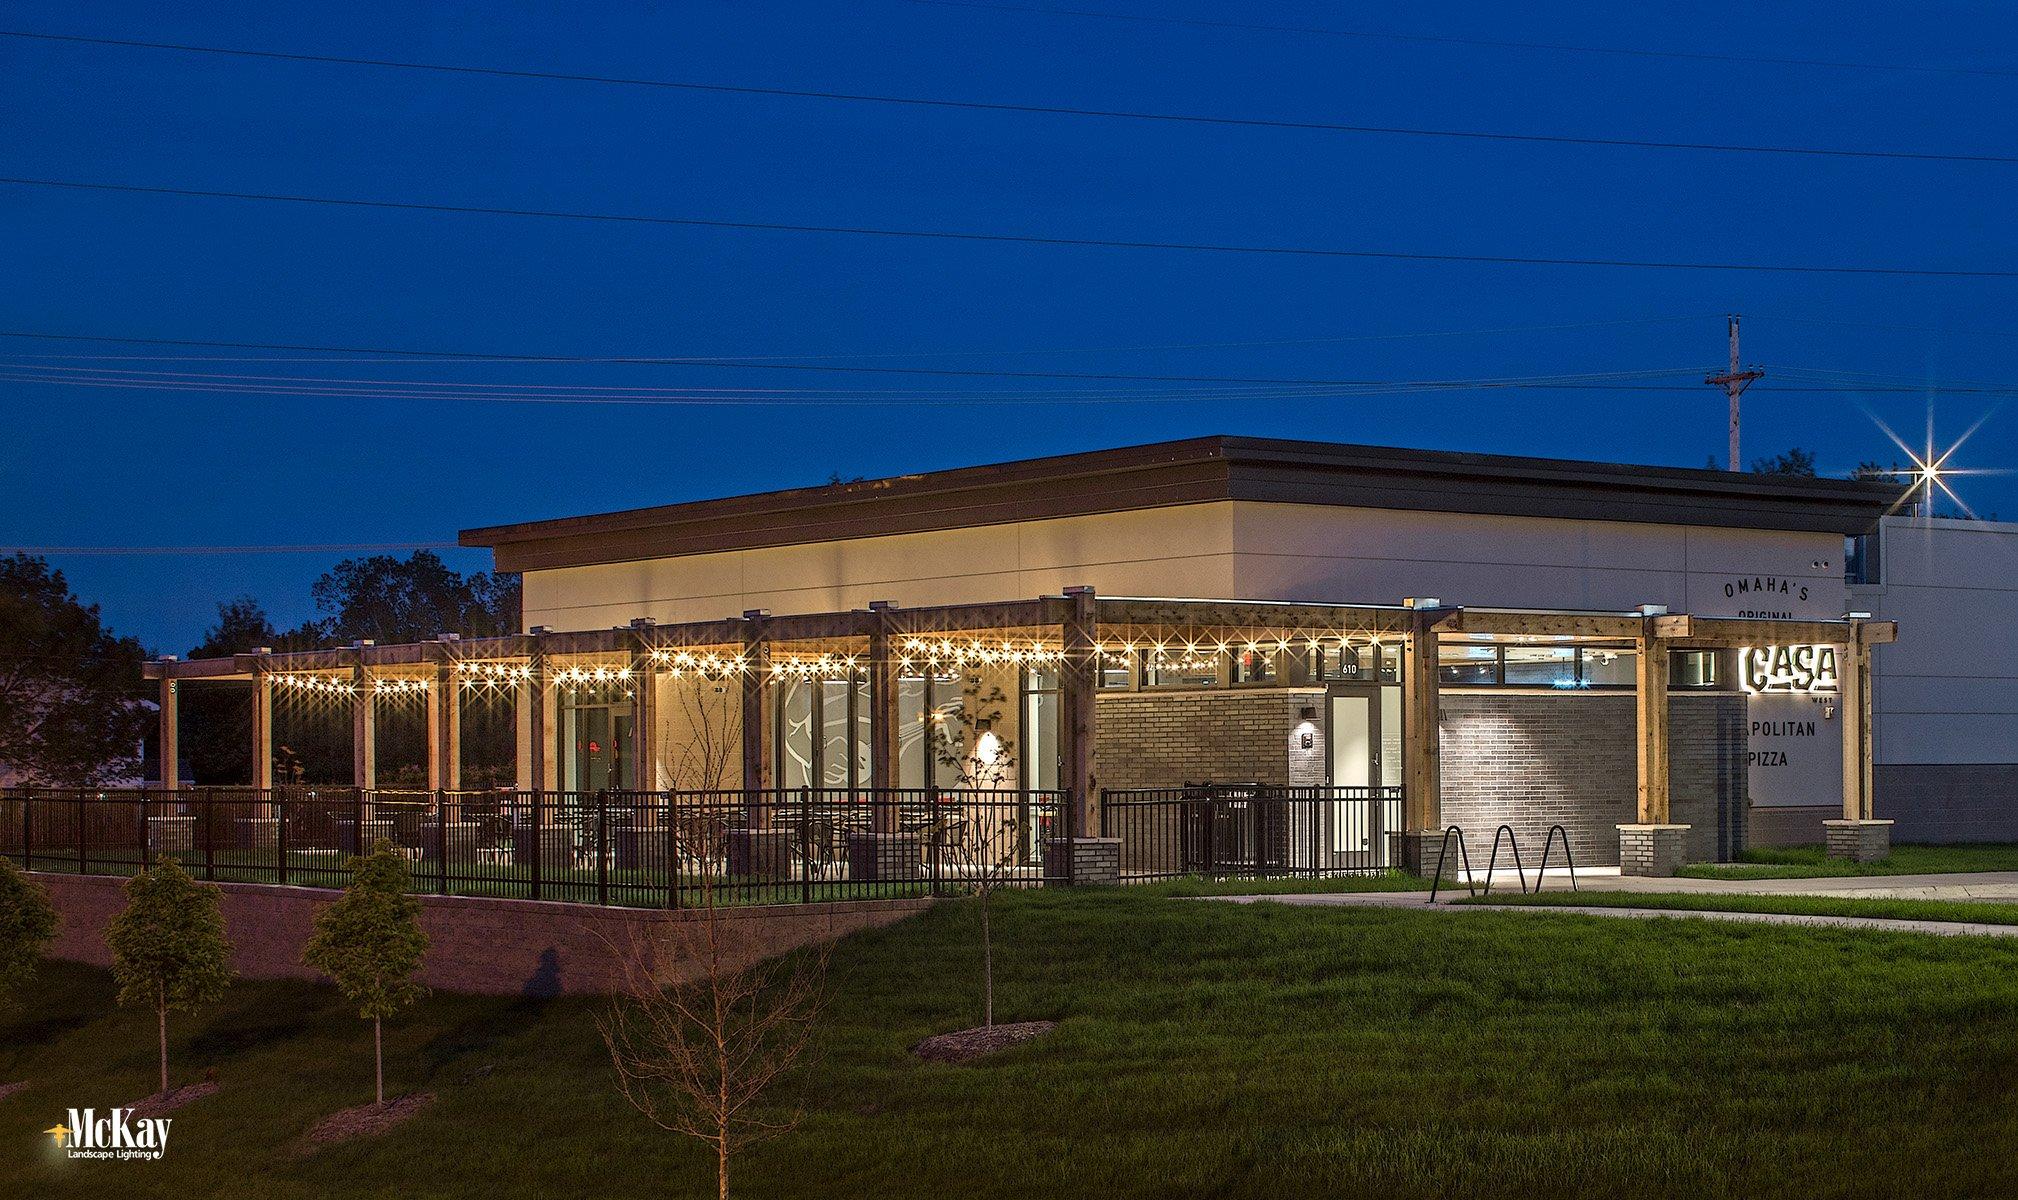 Outdoor restaurant patio string lighting omaha nebraska La Casa McKay Landscape Lighting